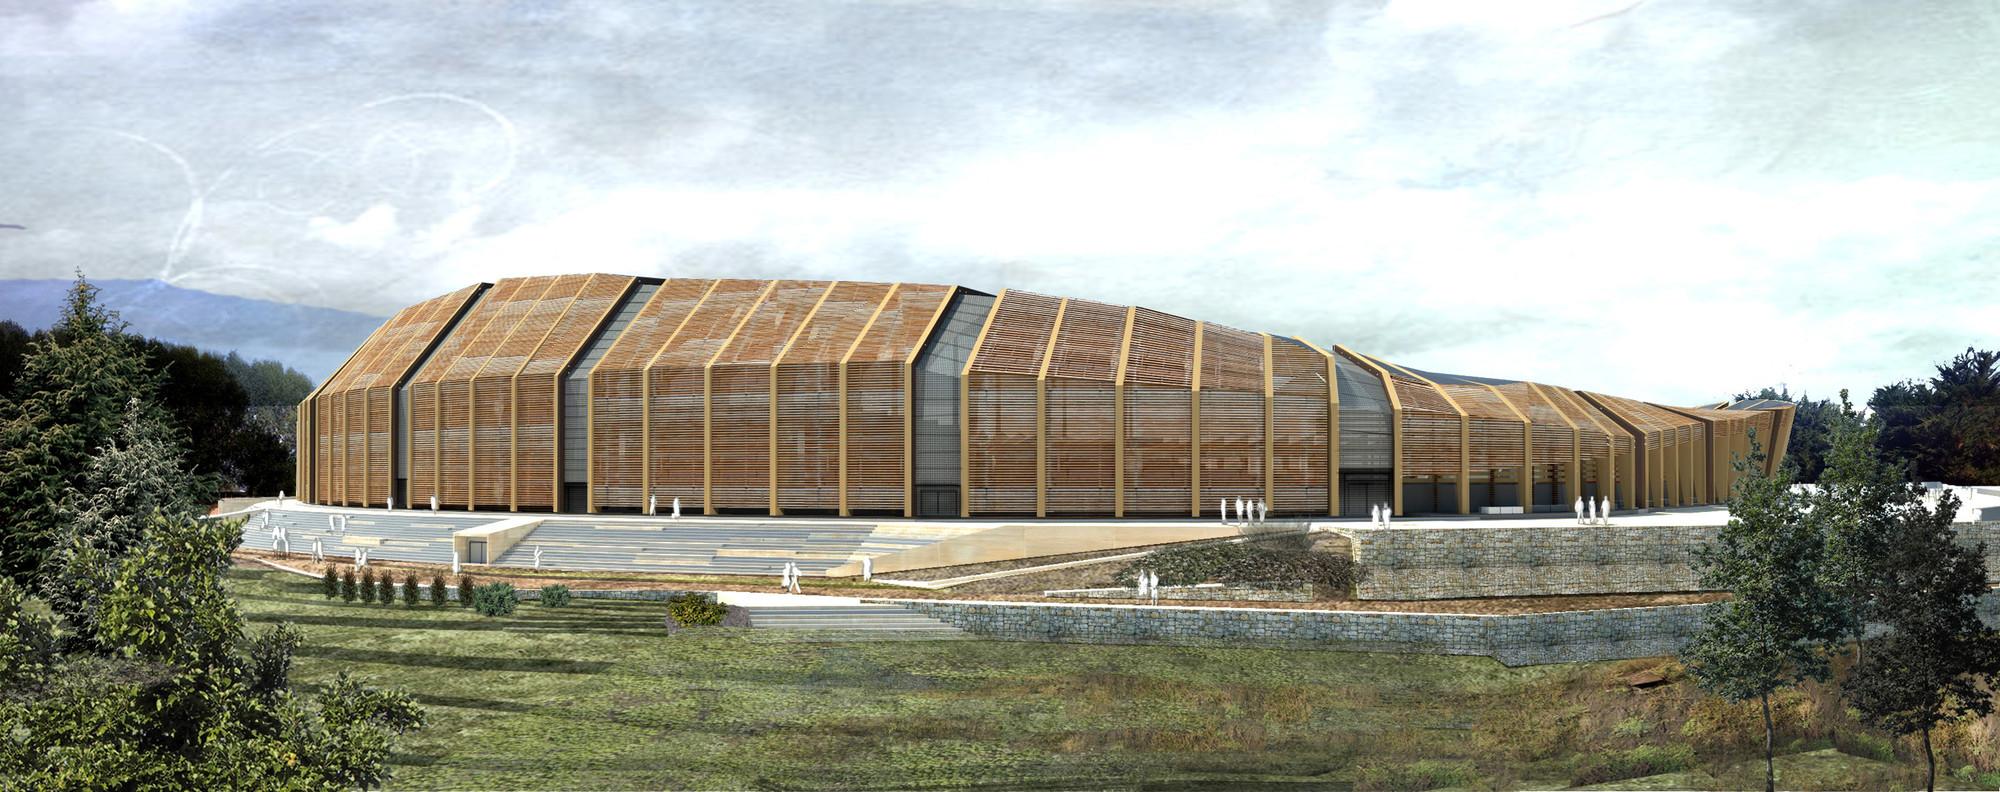 Tercer lugar en concurso de ideas para nuevo estadio de Osorno en Chile, Cortesia de Equipo Tercer Lugar